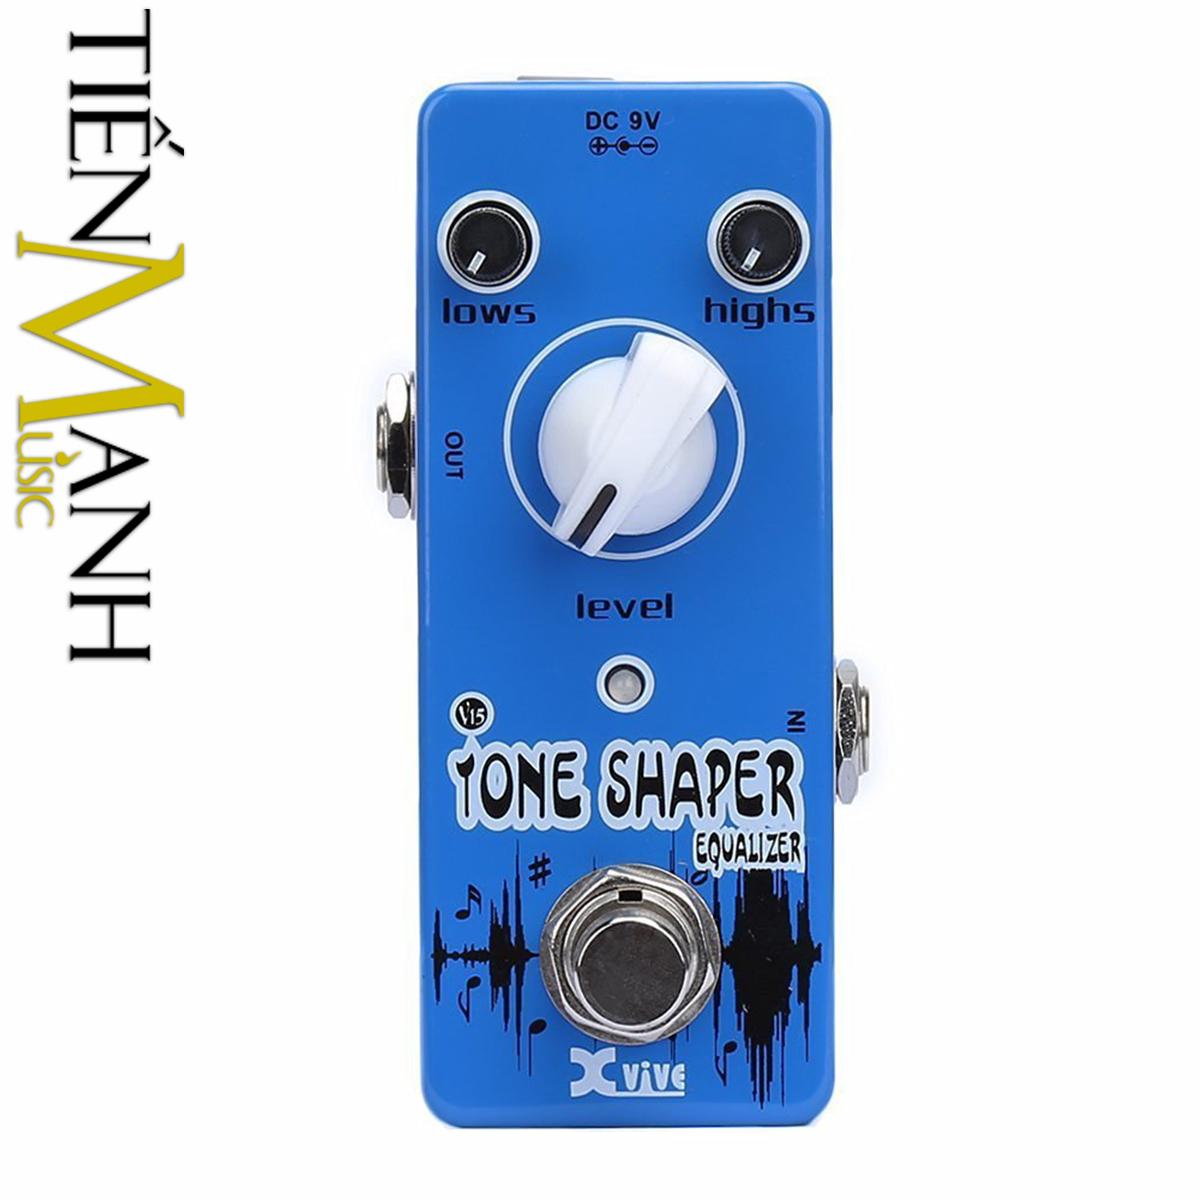 Phơ Guitar Xvive Analog Tone Shaper V15 (Nguồn chính hãng đi kèm - Bàn đạp Fuzz Pedals Effects)